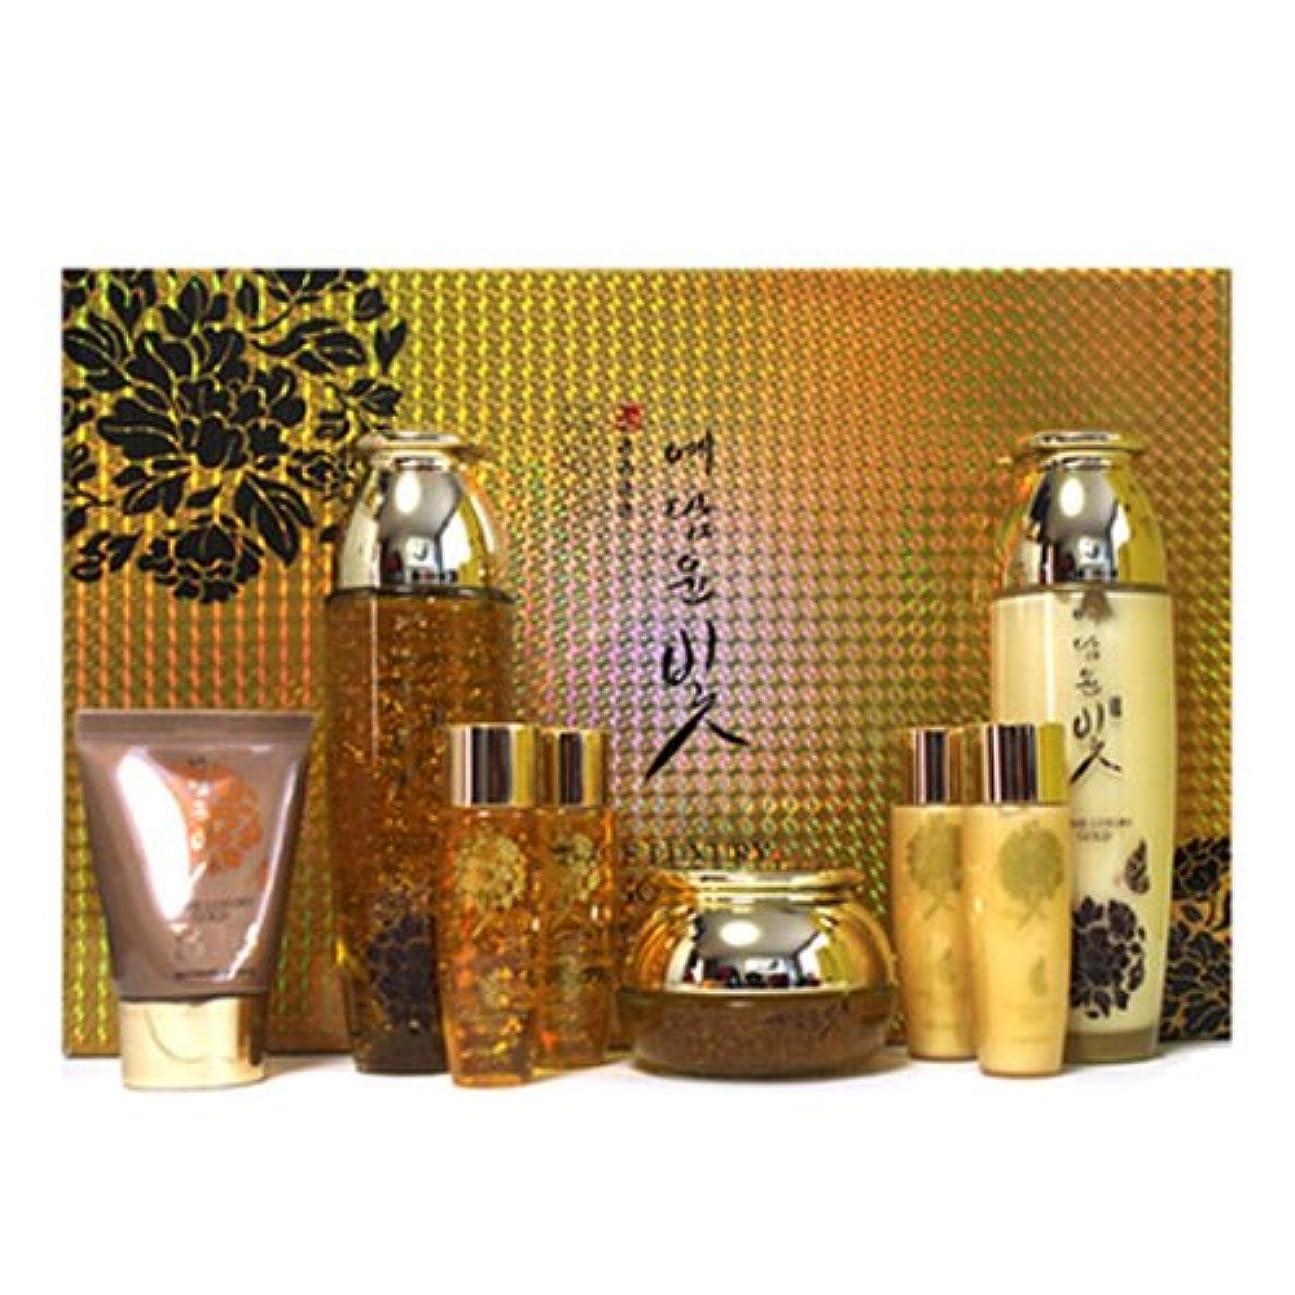 赤道イル型イェダムユンビト[韓国コスメYedam Yun Bit]Prime Luxury Gold Skin Care Set プライムラグジュアリーゴールドスキンケア4セット 樹液 乳液 クリーム/ BBクリーム [並行輸入品]